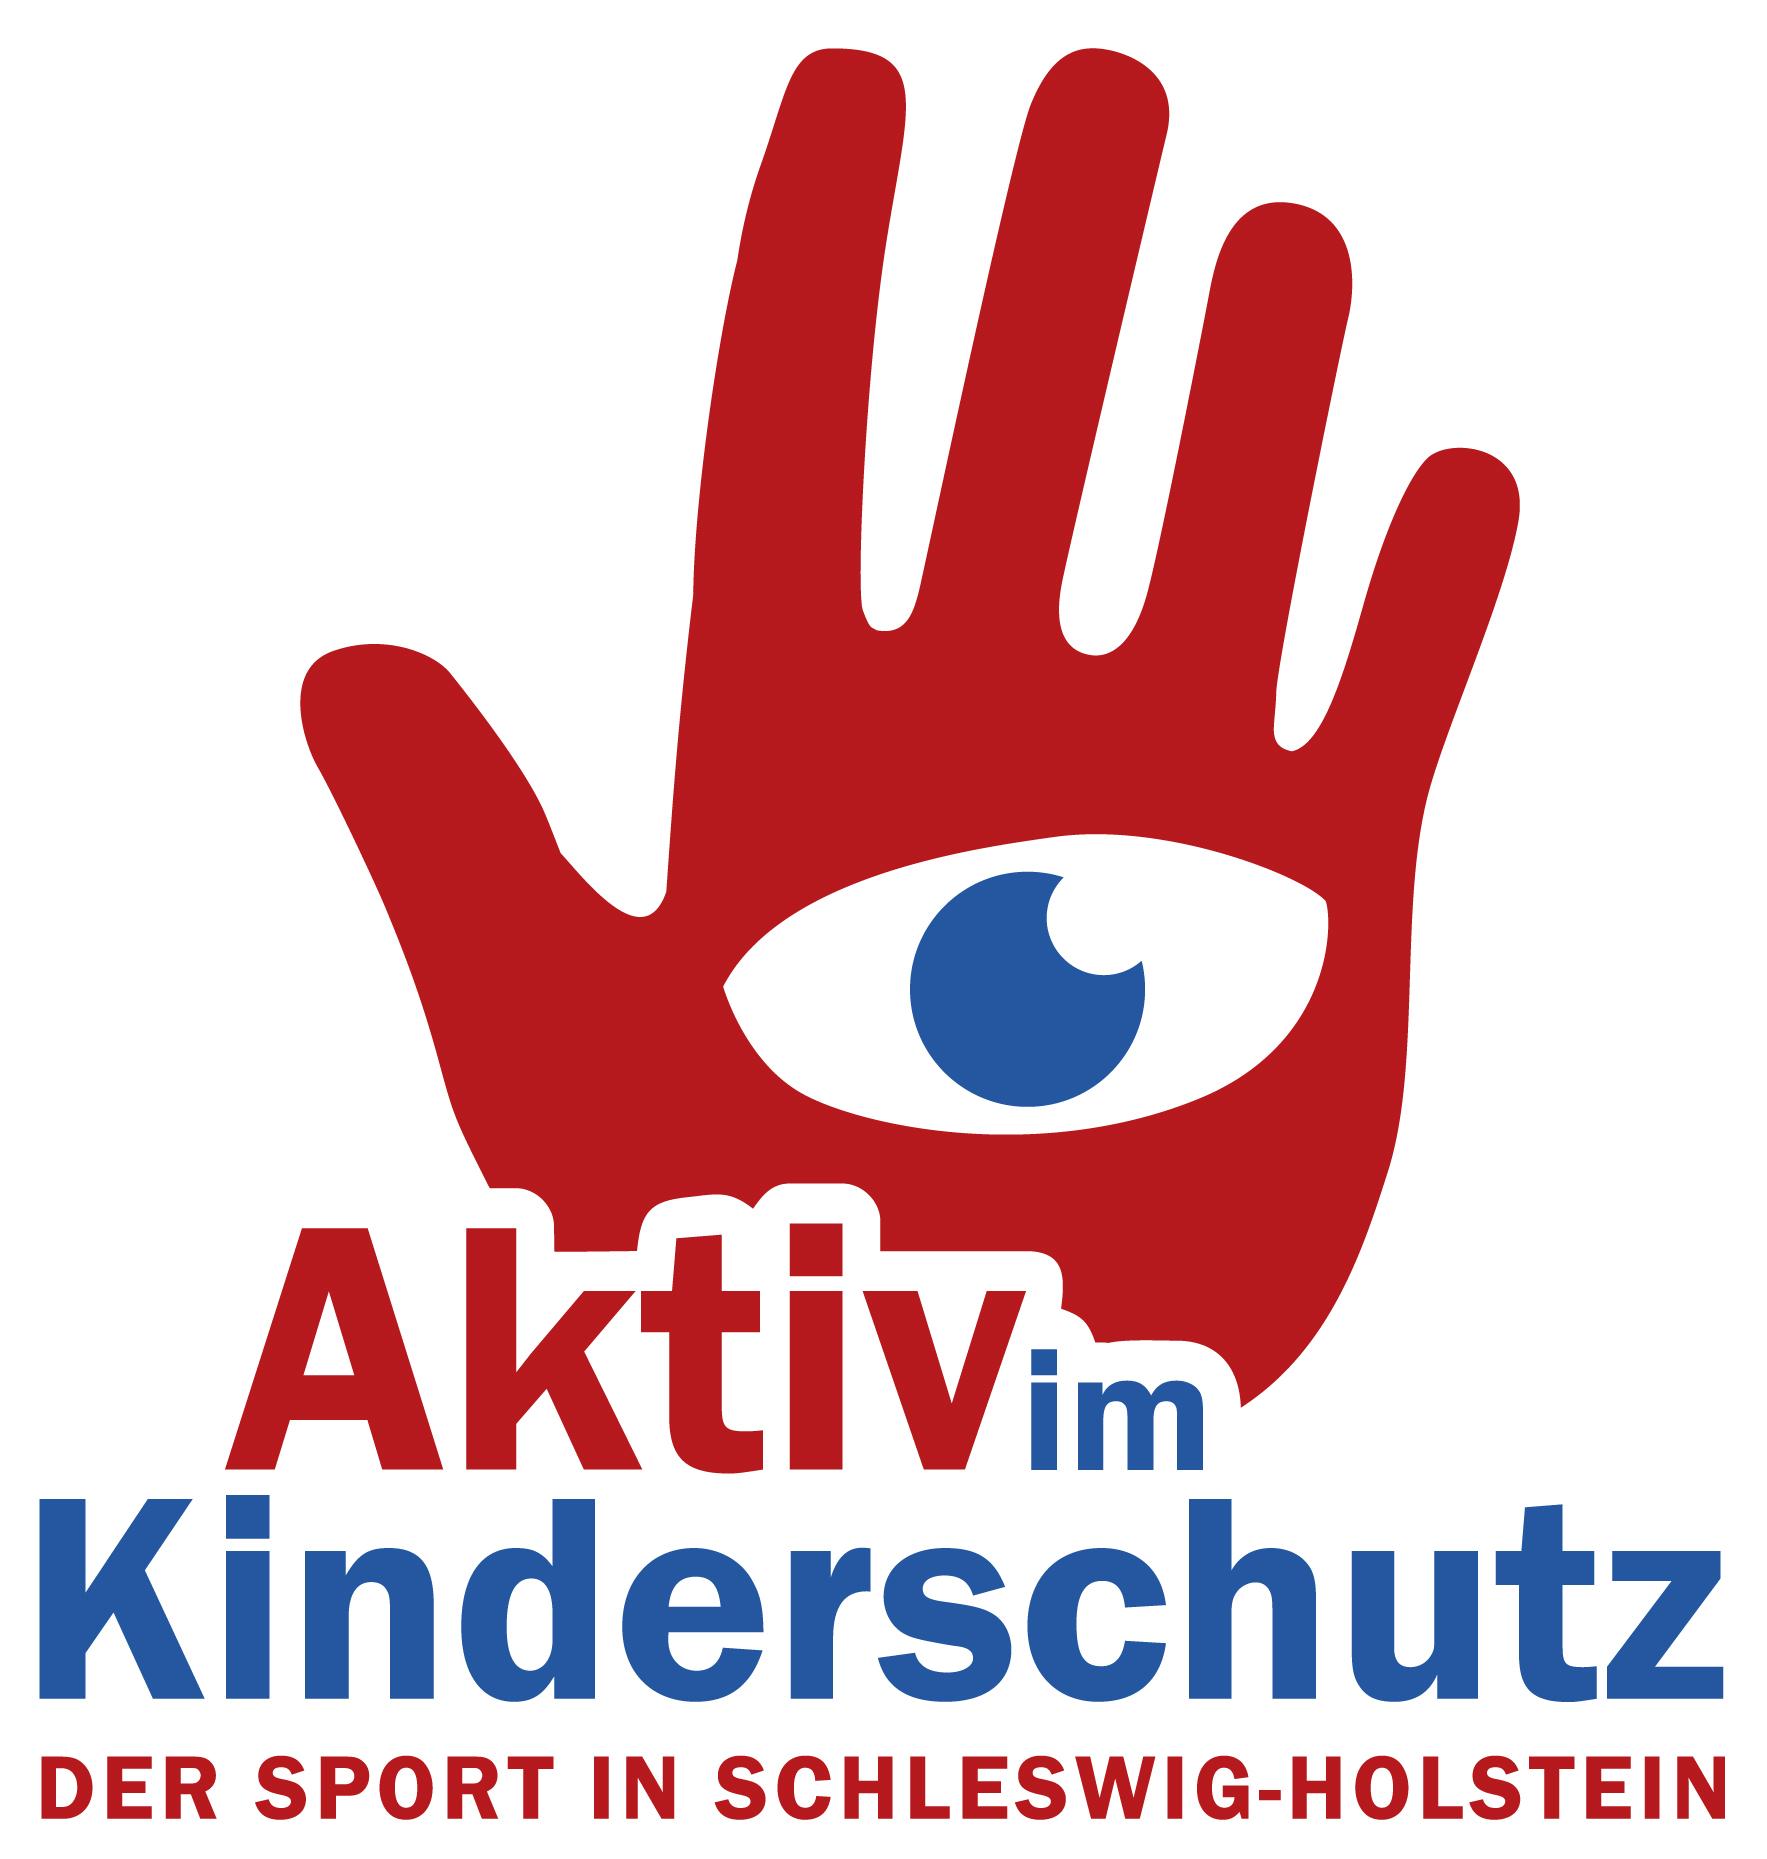 Aktiv im Kinderschutz - Der Sport in Schleswig-Holstein!